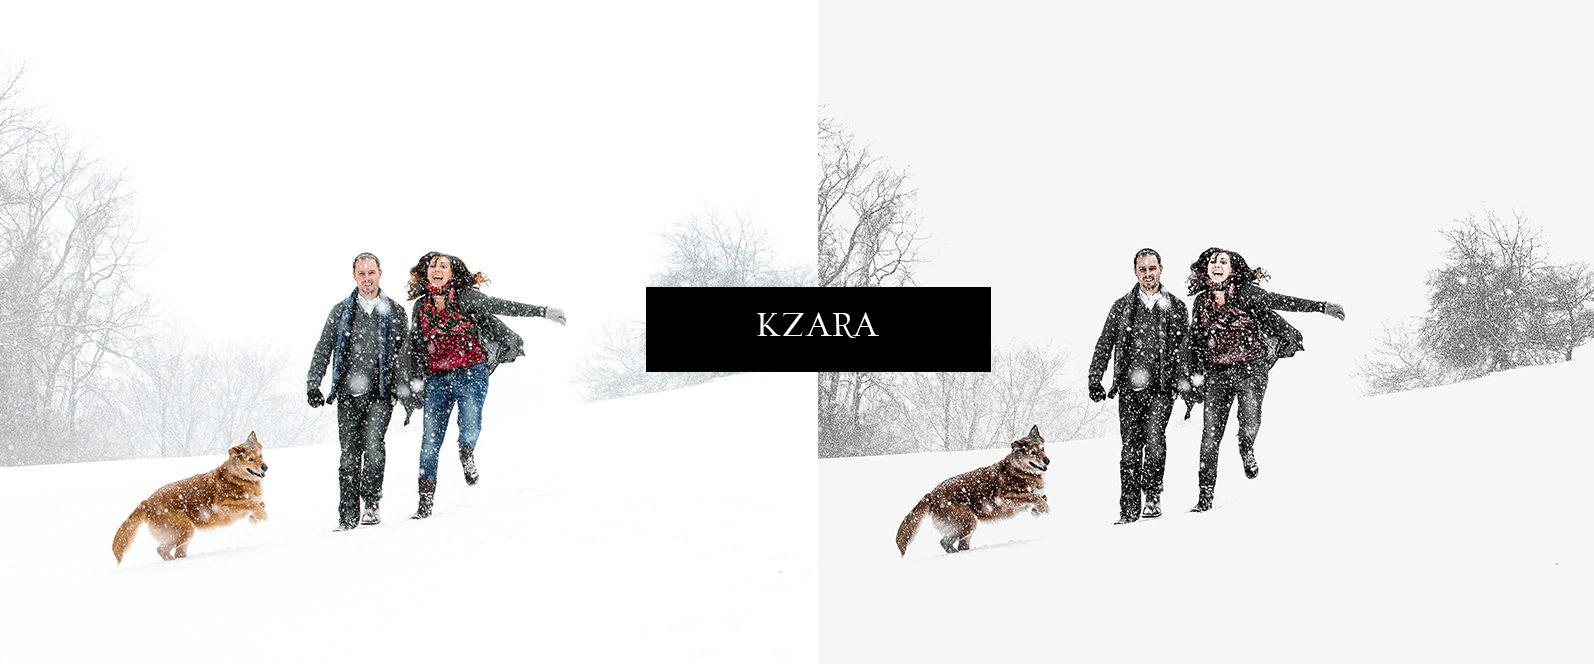 12 x Lightroom Presets, Winter Magic Presets, Outdoor Presets, Gray Tones Presets, Portrait Presets - Winter Magic Preview 2 -